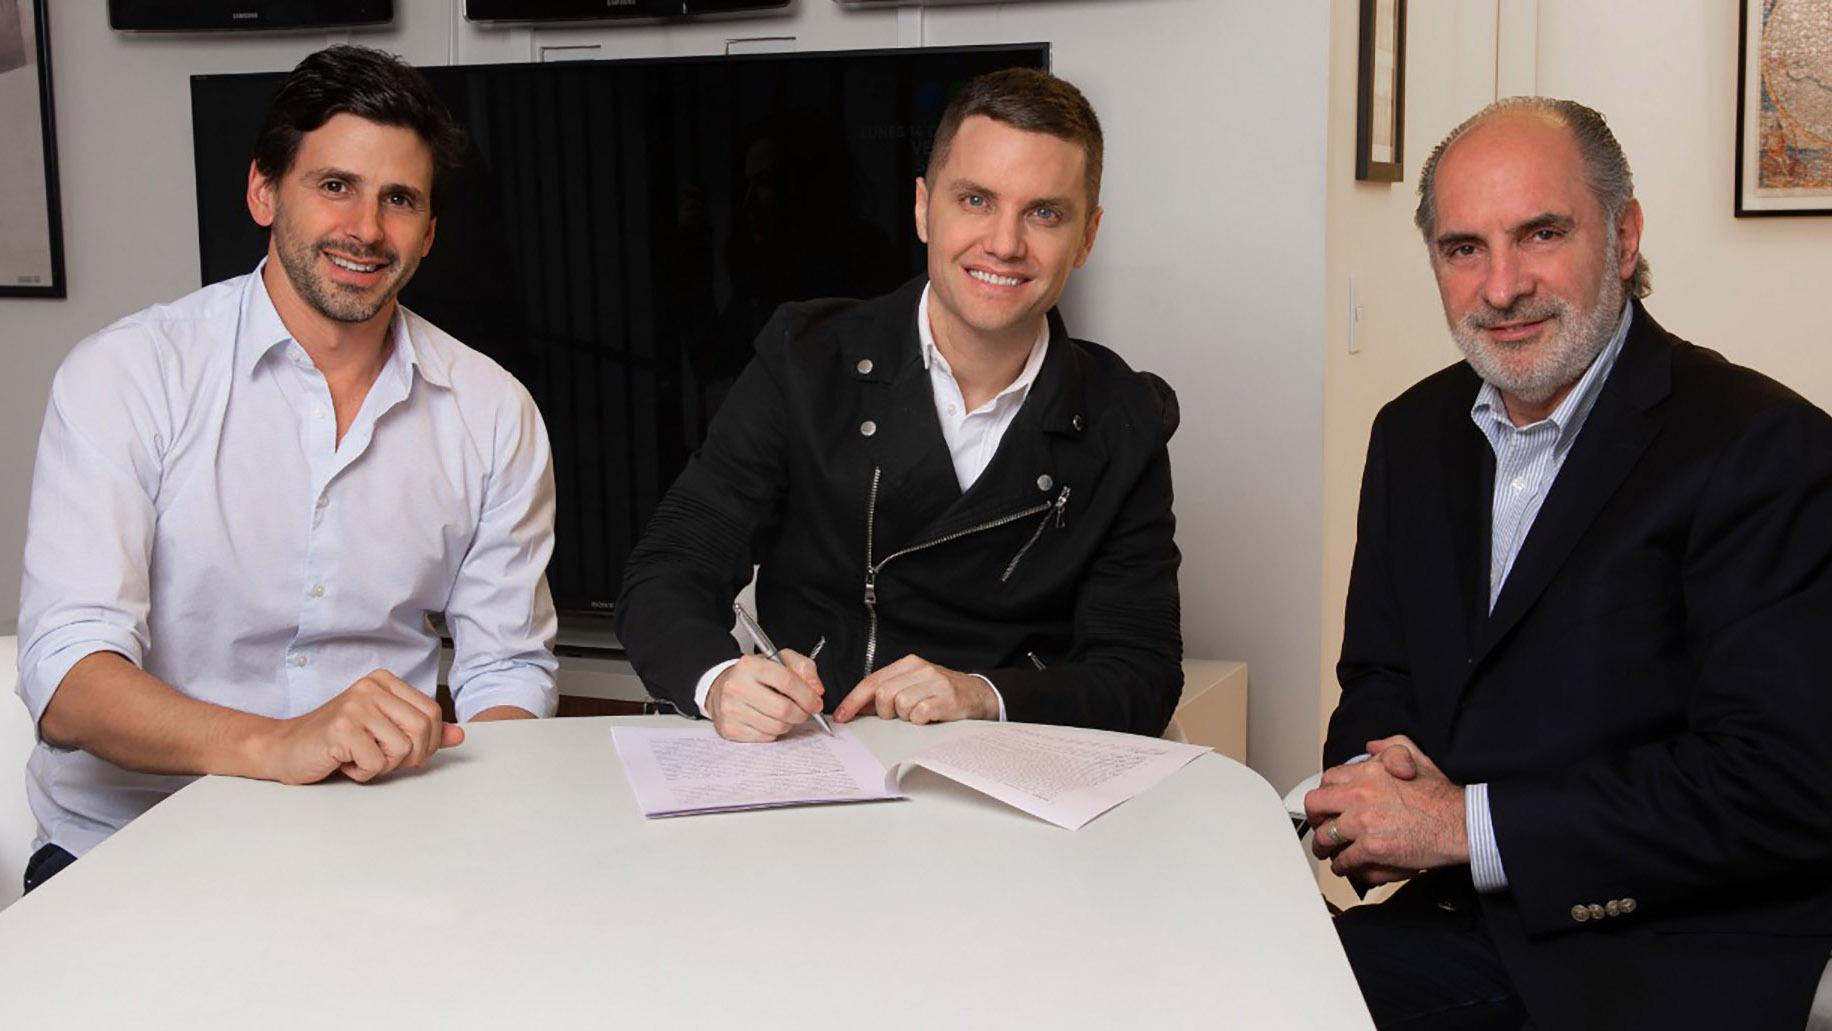 Dario Turovelzky junto a Santiago del Moro y Guillermo Campanini en la firma del contrato.